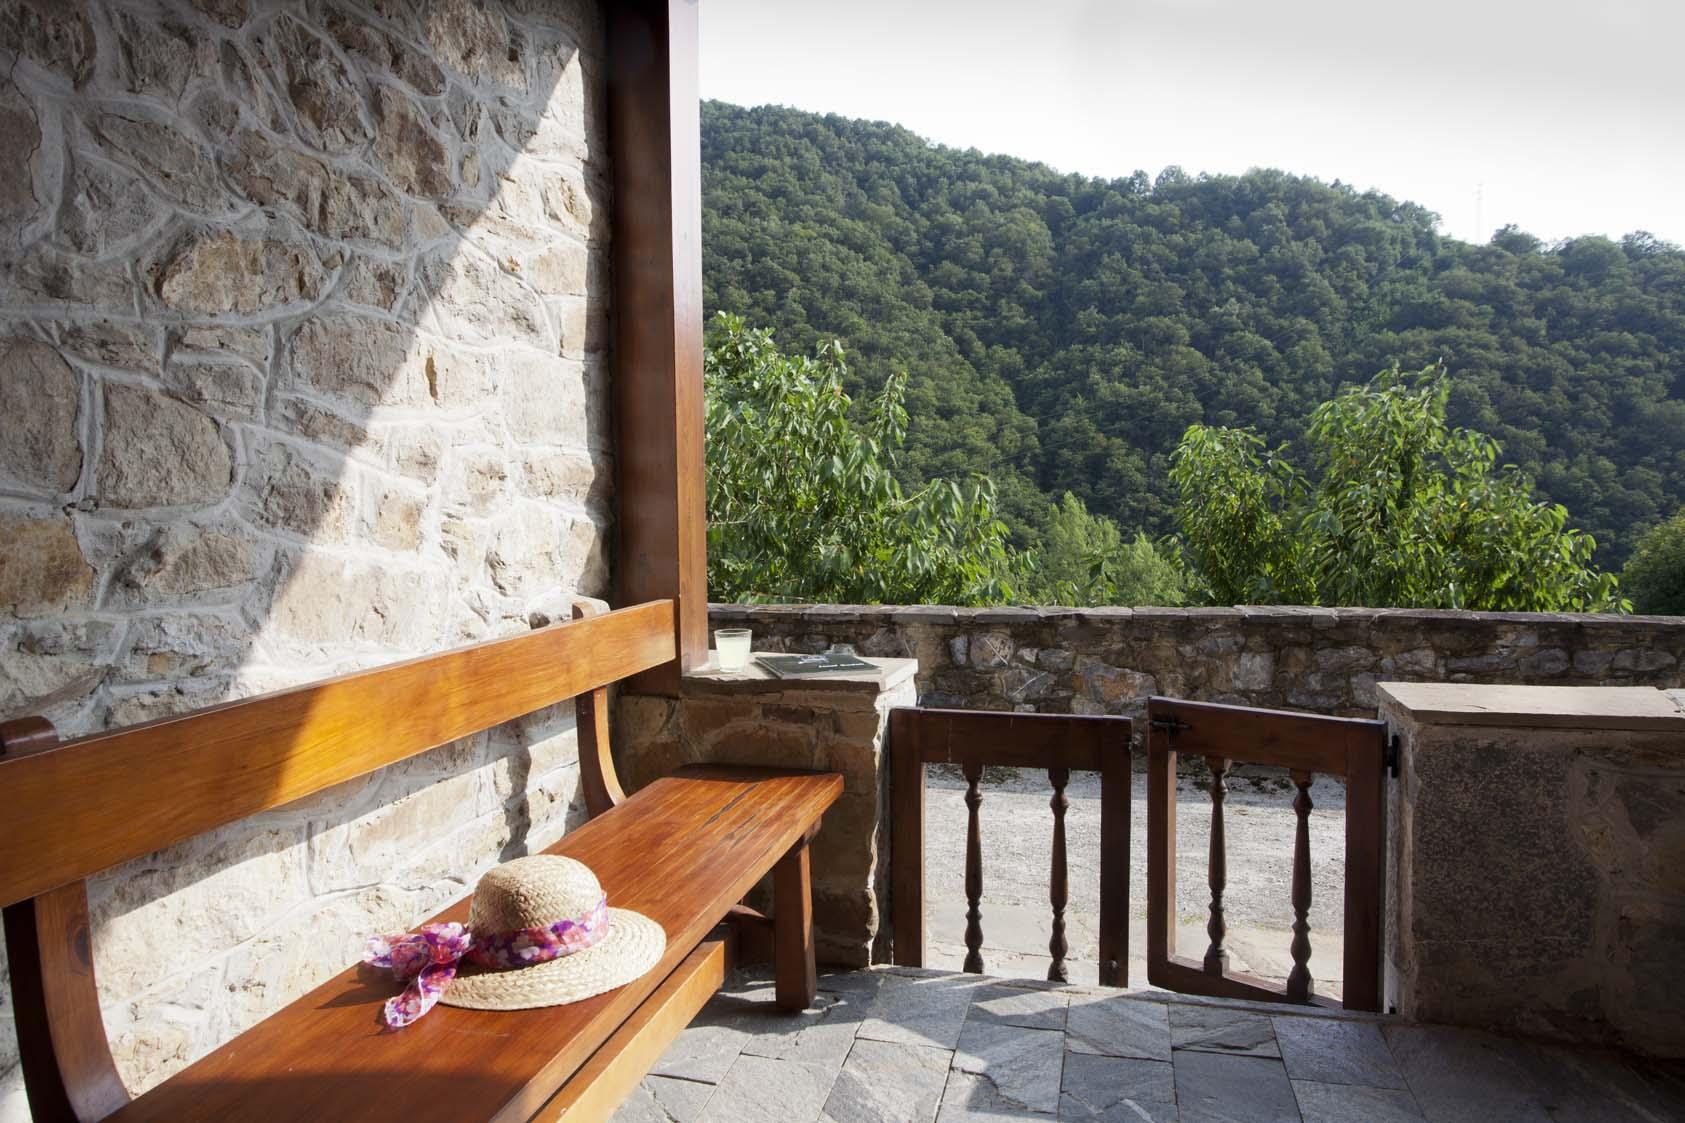 Soportal La casona de Riomera con vistas al valle.